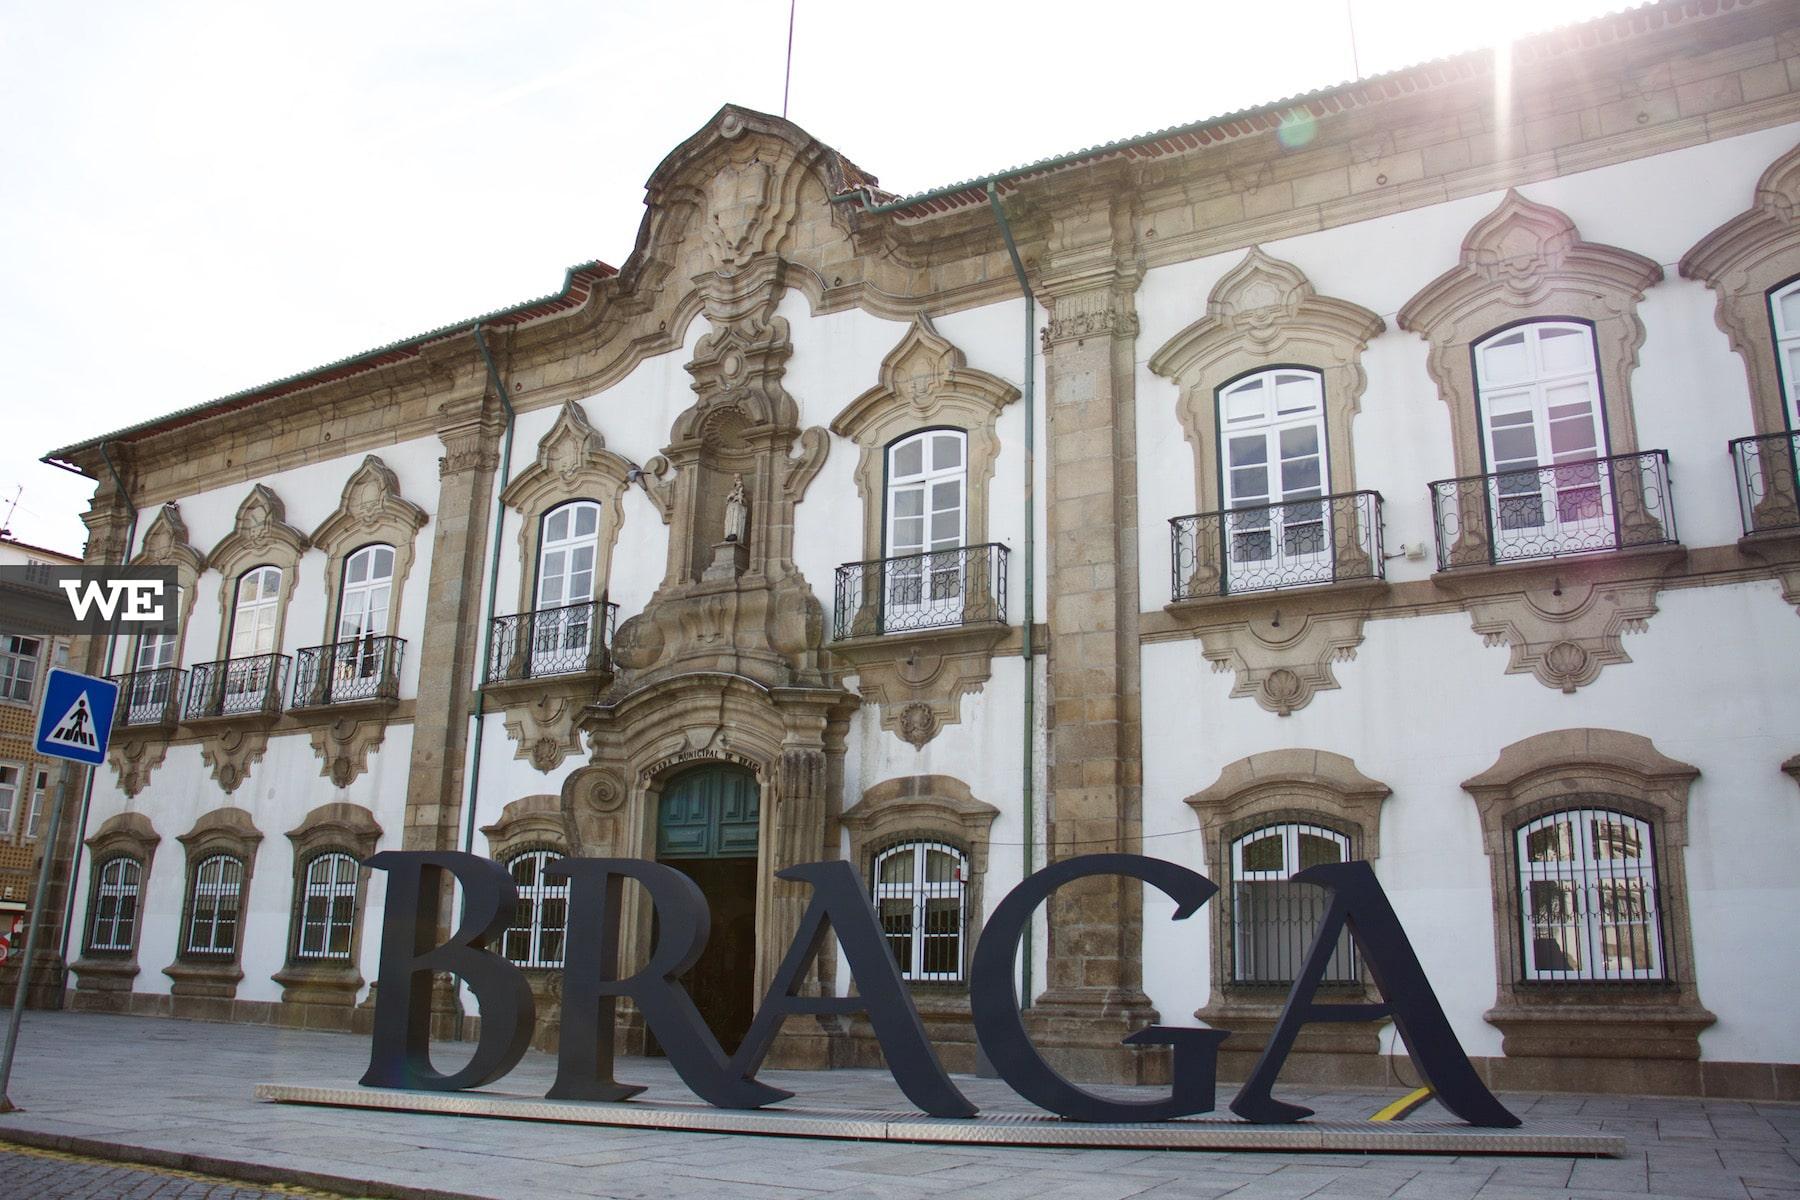 Braga Teatro